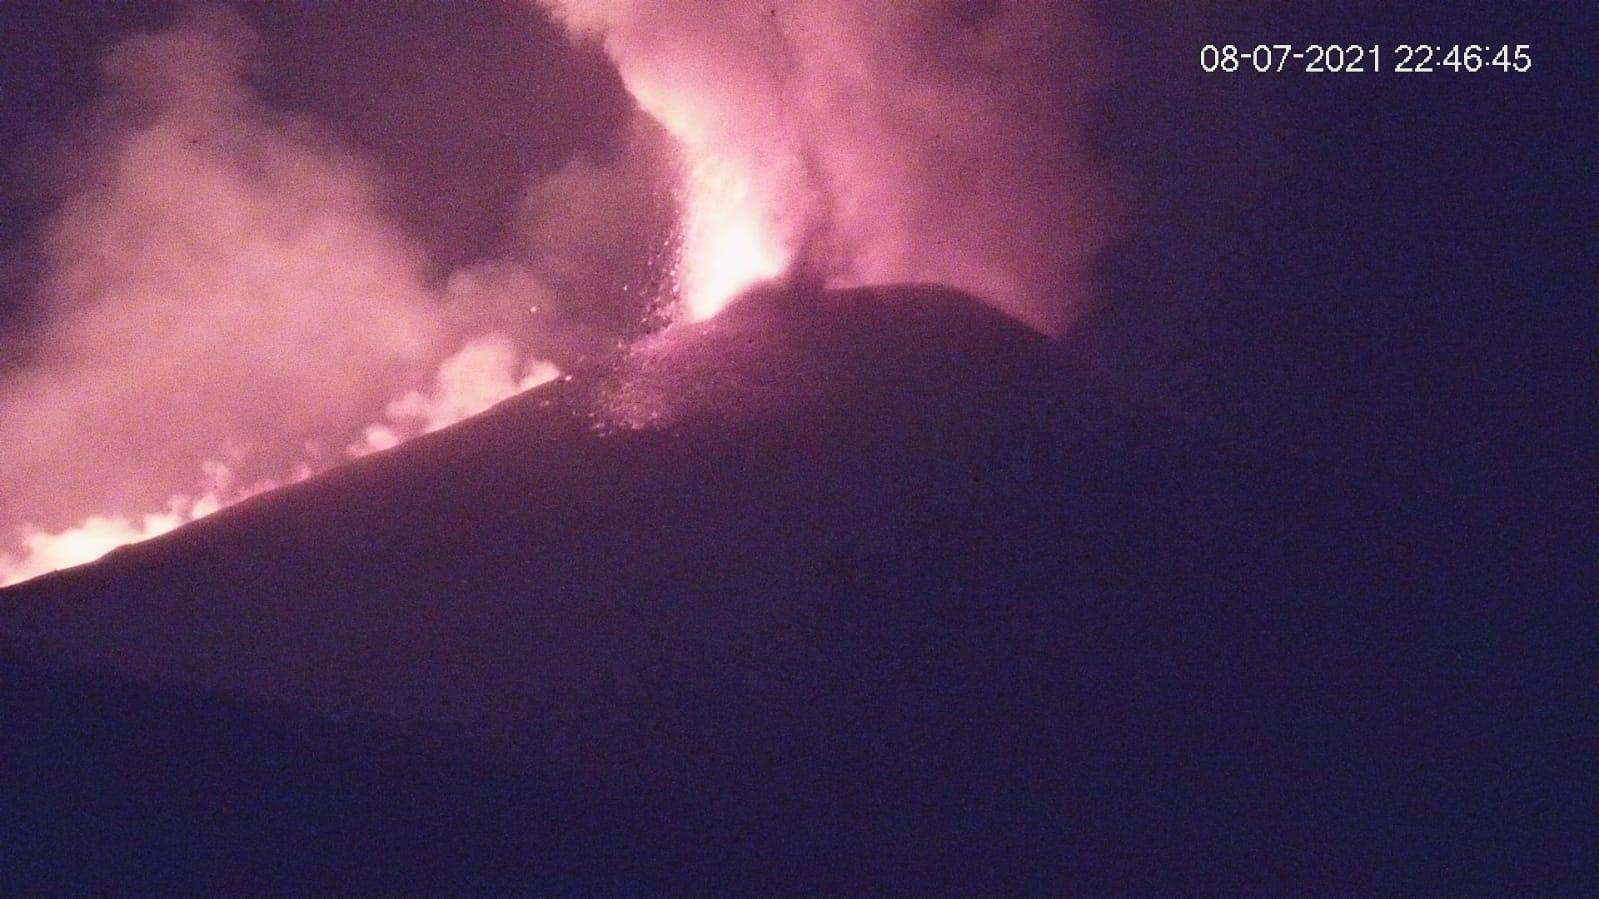 Etna, nuova eruzione nella notte: cenere su Zafferana, Fleri, Pedara e Cannizzaro. Il bollettino Ingv